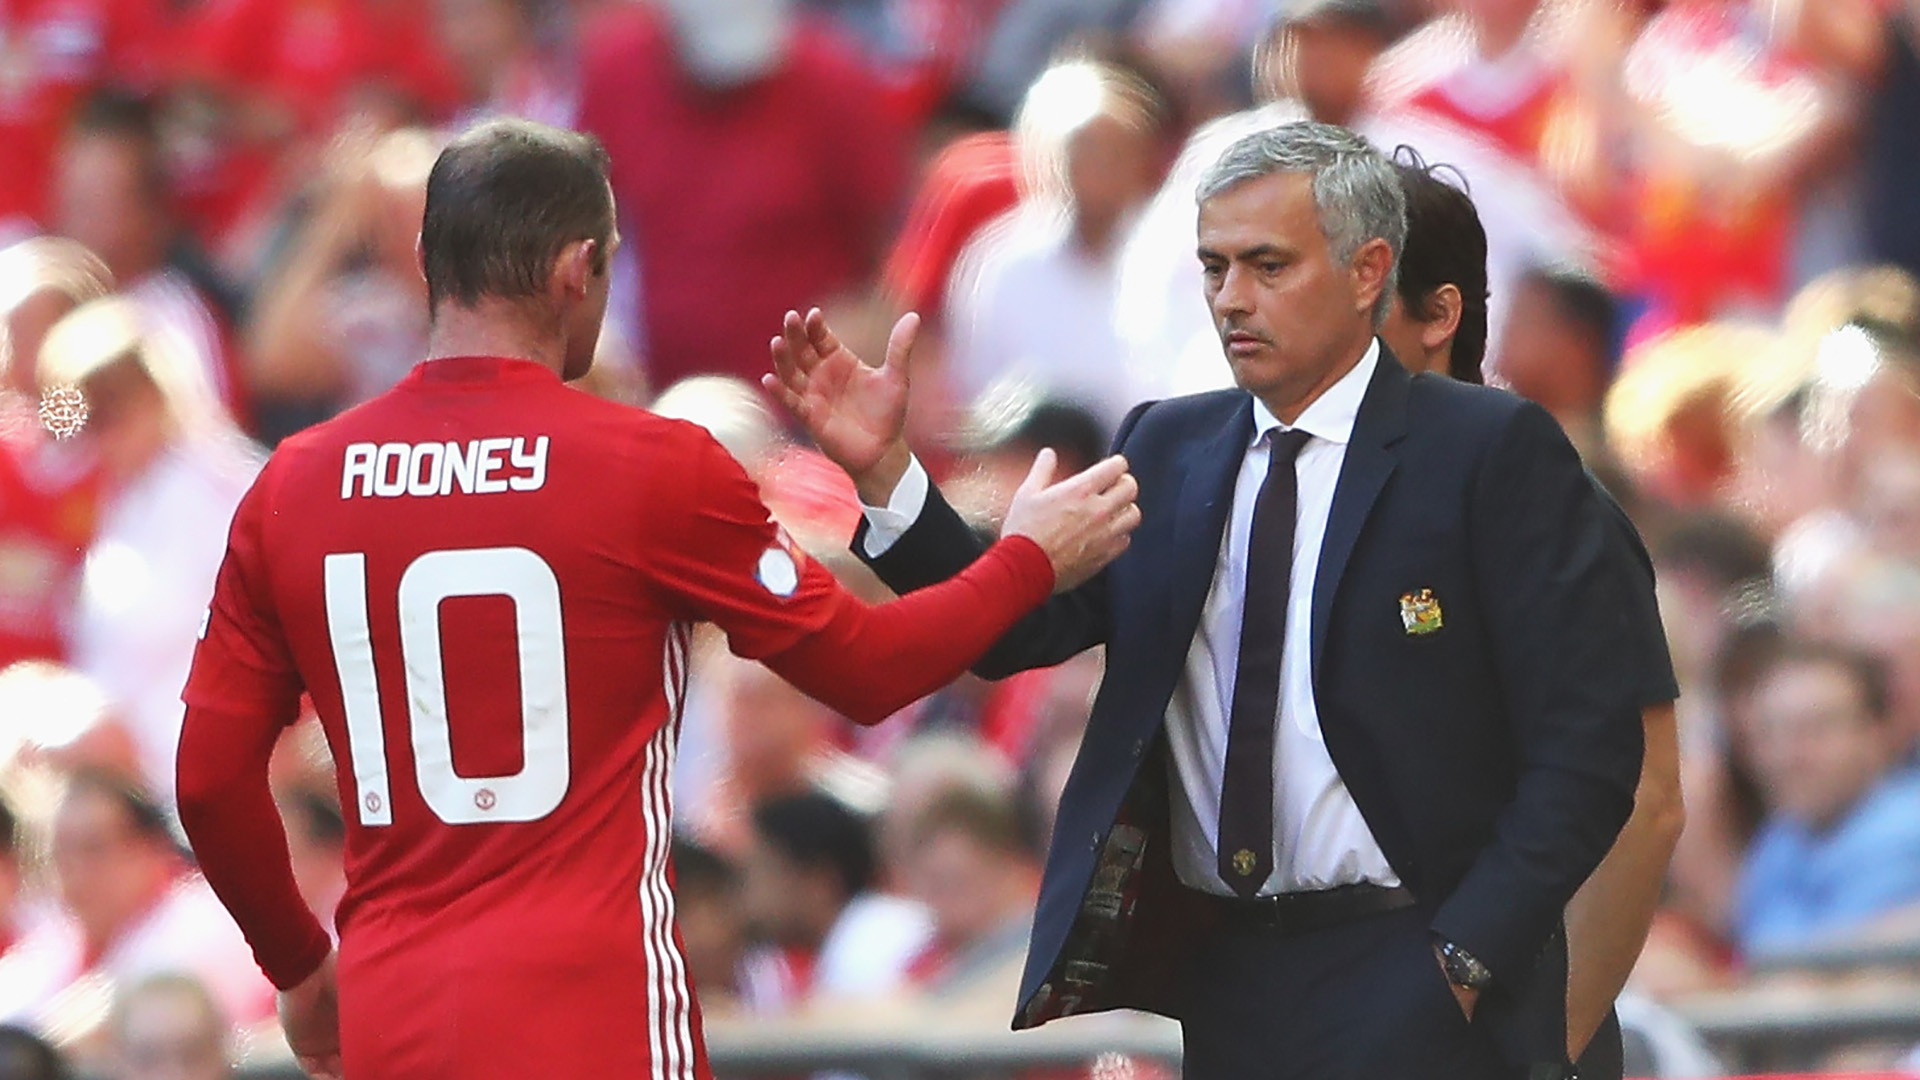 Mourinho truyền ý chí quyết thắng cho cầu thủ Man Utd - Bóng Đá